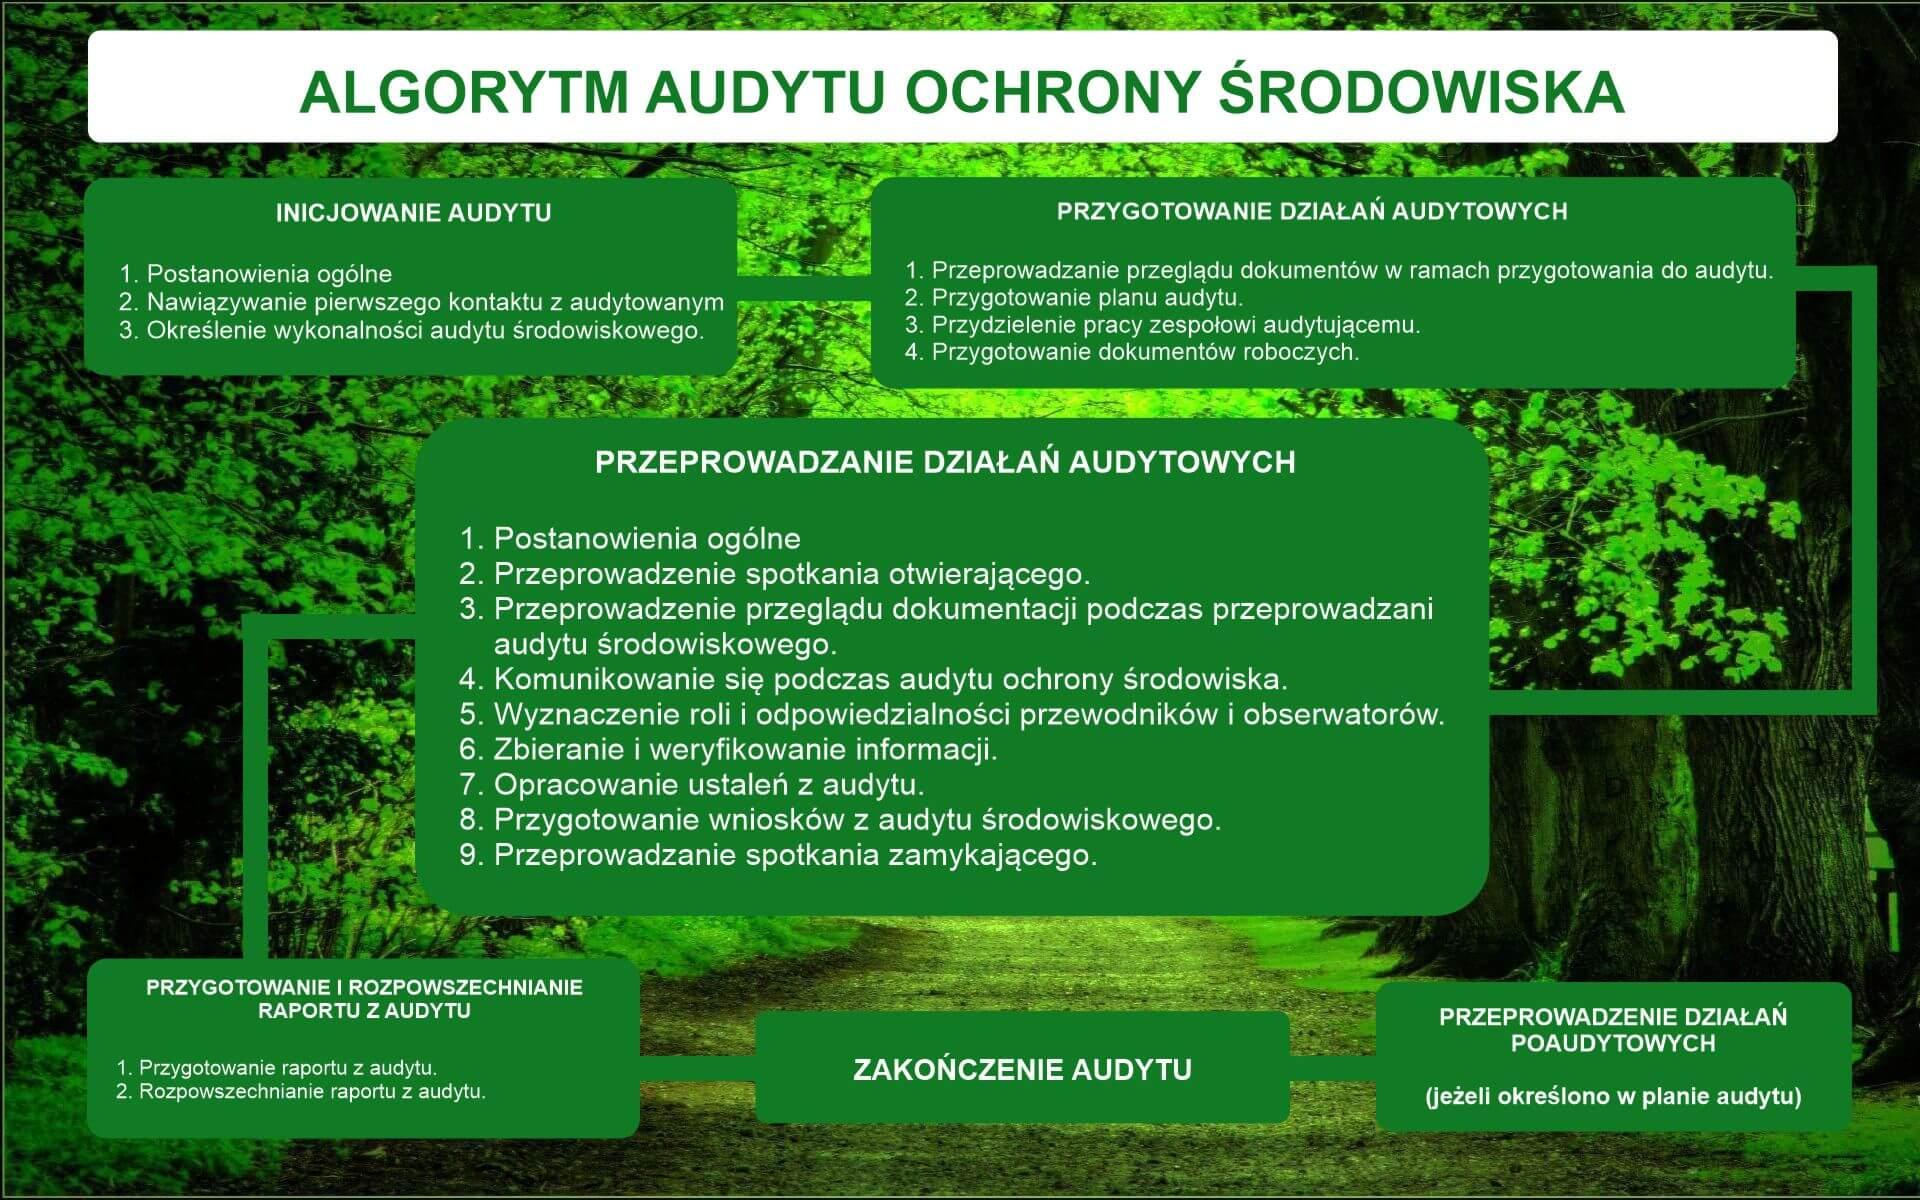 Algorytm audytu ochrony środowiska